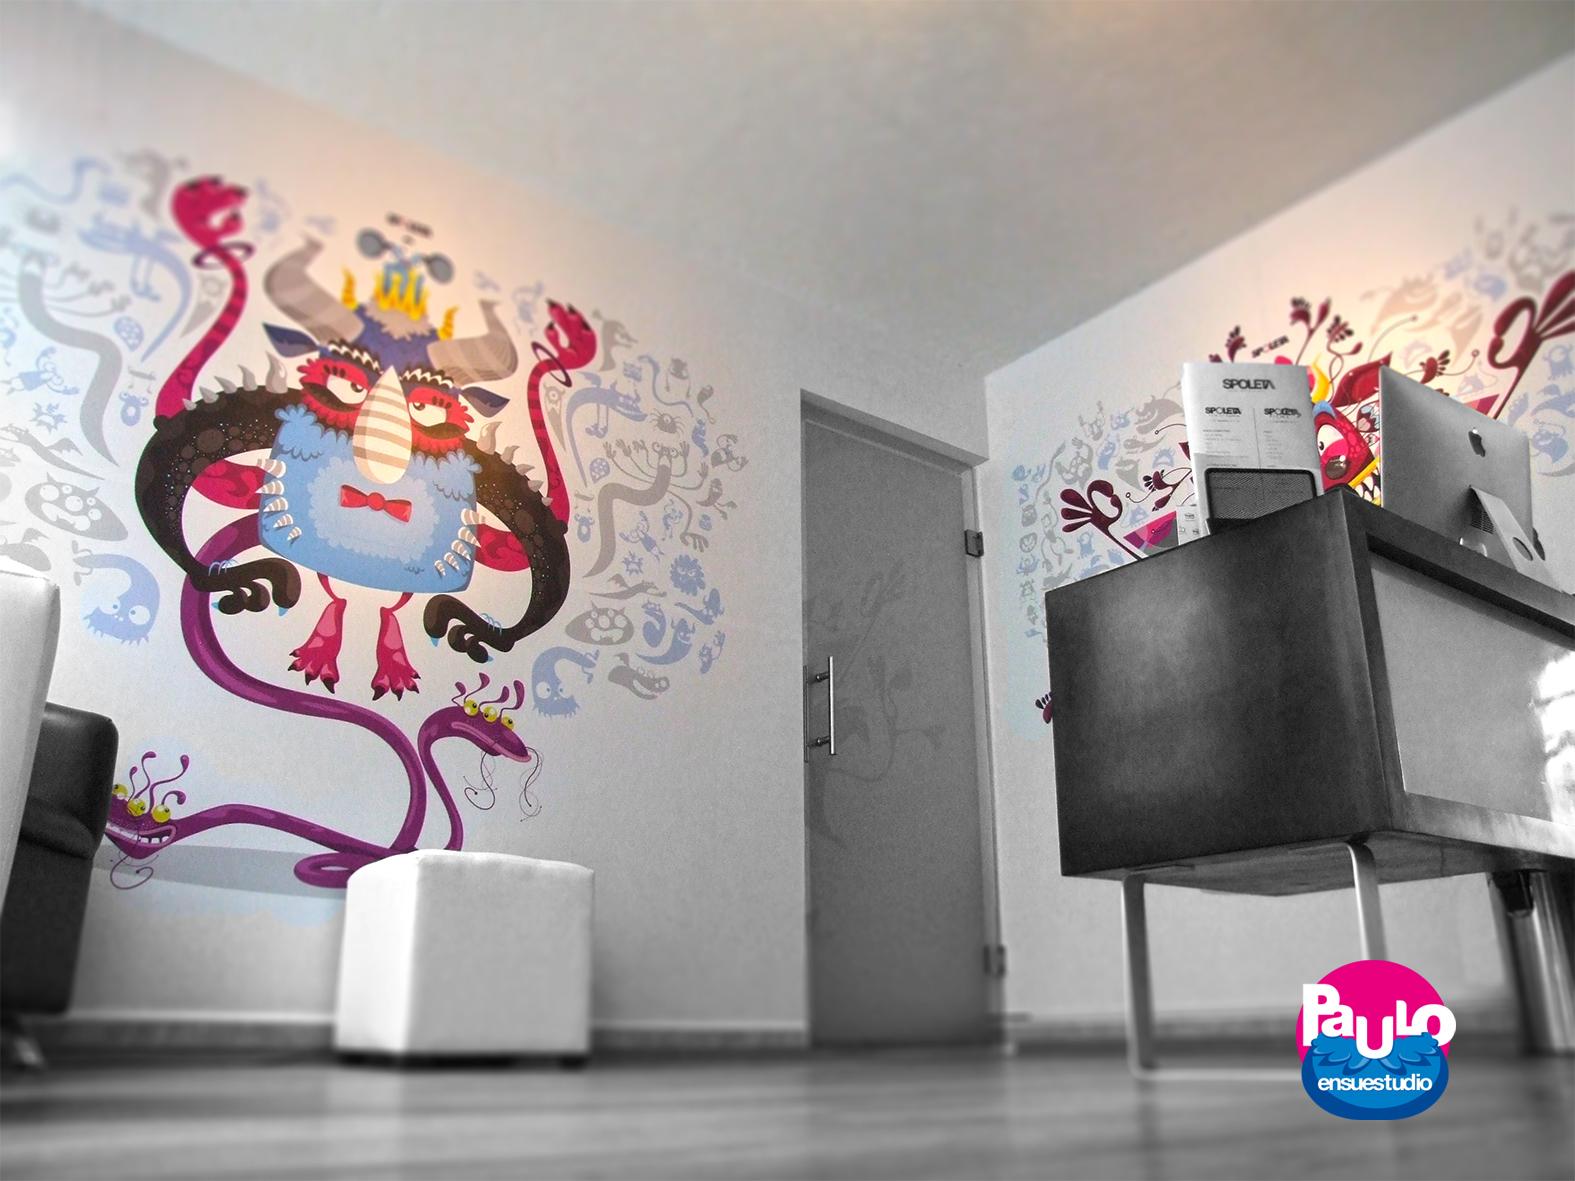 Paulo en su estudio decorando spoleta agencia de publicidad for Agencia de publicidad